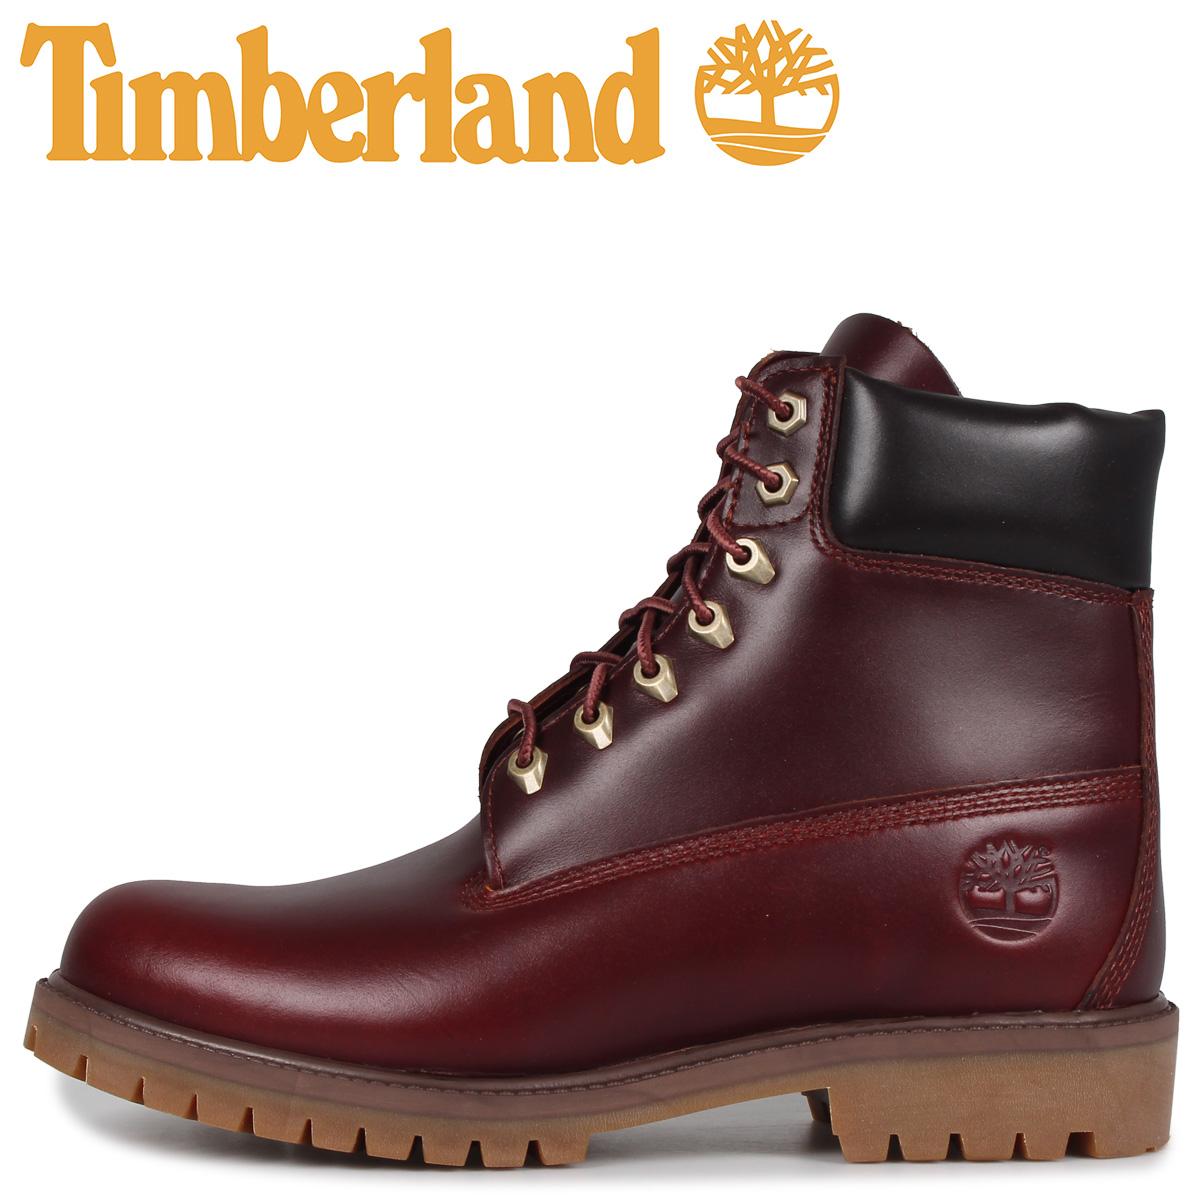 Timberland ティンバーランド ブーツ 6インチ クラシック メンズ ウォータープルーフ 6INCH CLASSIC WATERPROOF BOOT ブラウン A22W9